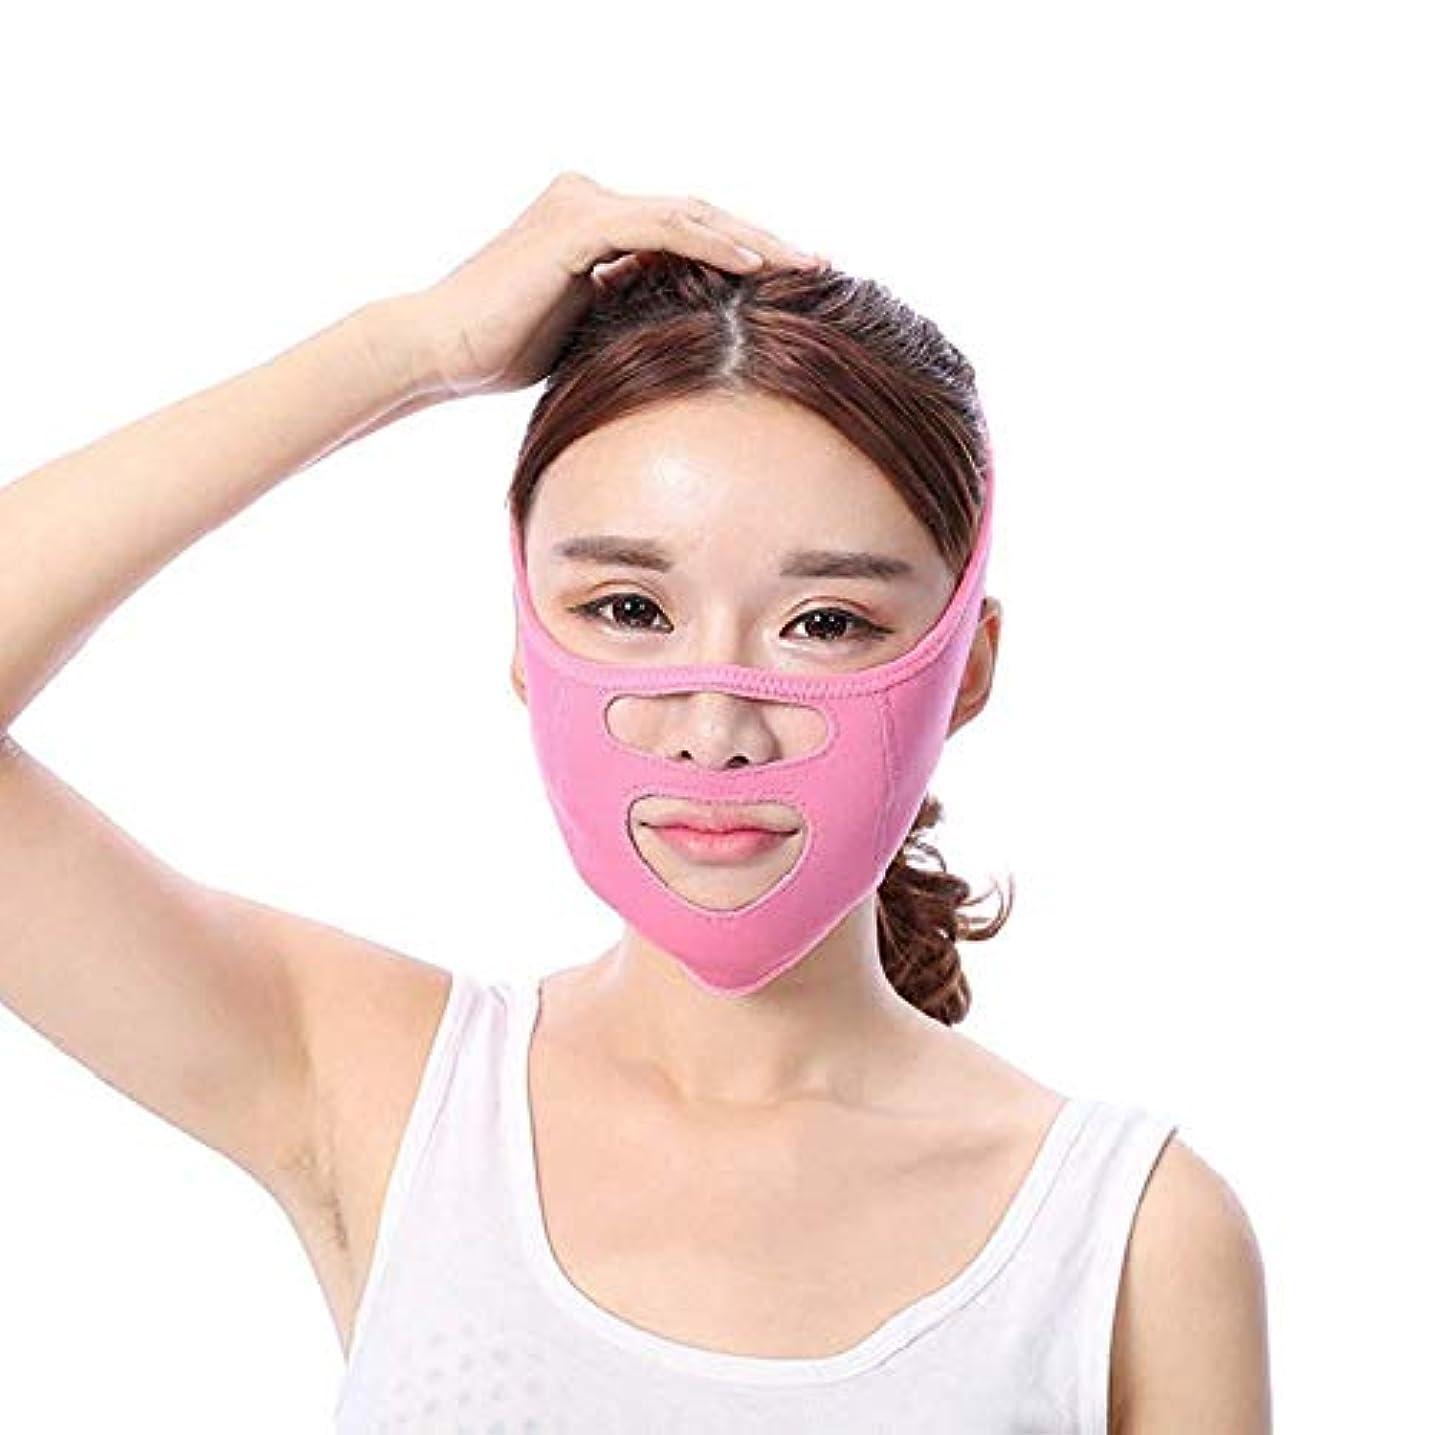 リスナー数セラー薄い表面包帯の美装置の持ち上がることの固まる二重あごのDecree Vのマスクの通気性の睡眠のマスク